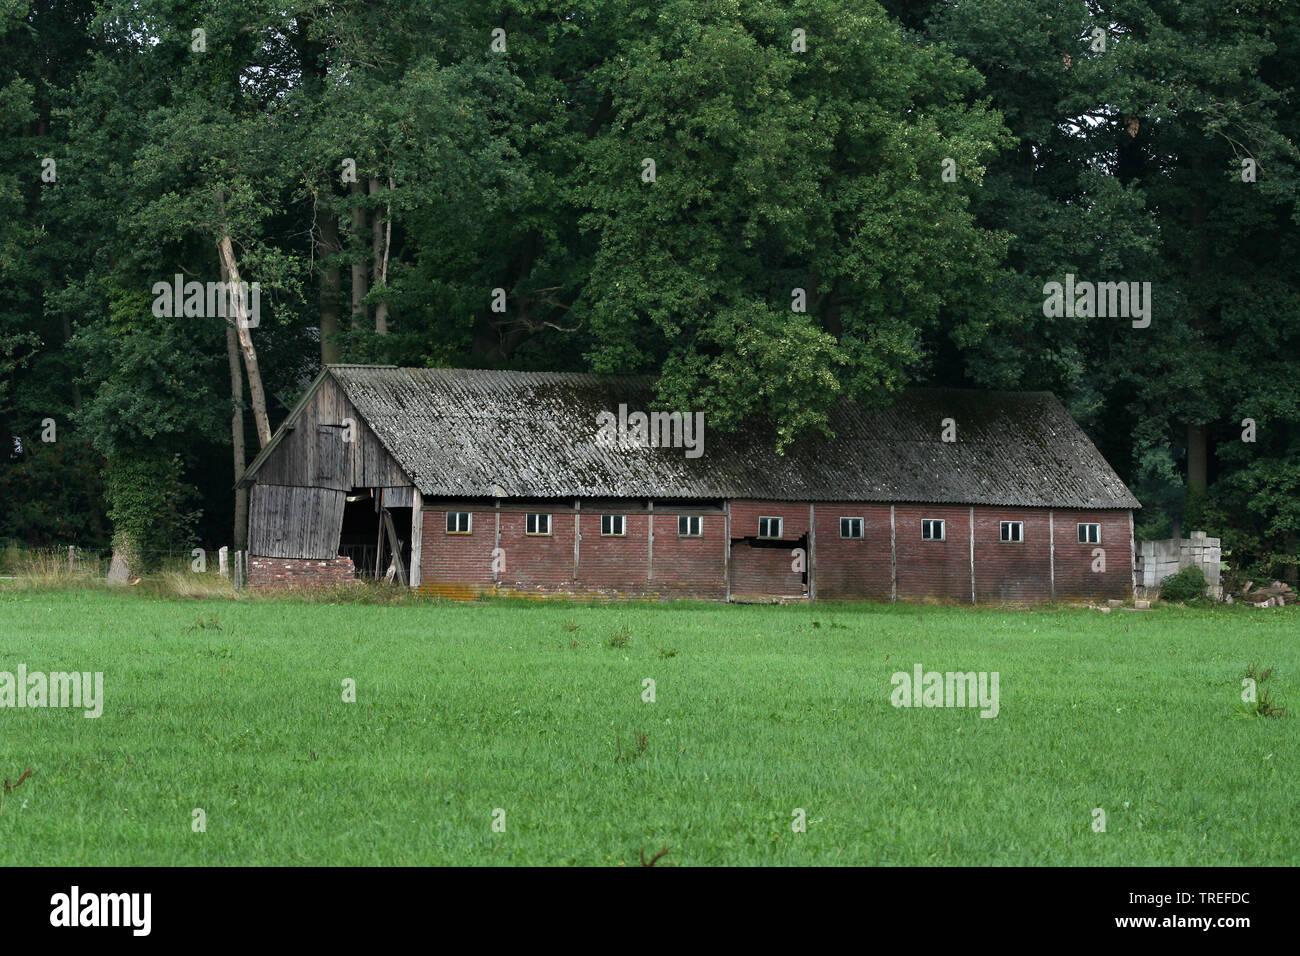 zerfallene Scheune am Waldrand, Niederlande, Gelderland, Achterhoek | decaying barn at forest edge, Netherlands, Gelderland, Achterhoek | BLWS525265.j - Stock Image